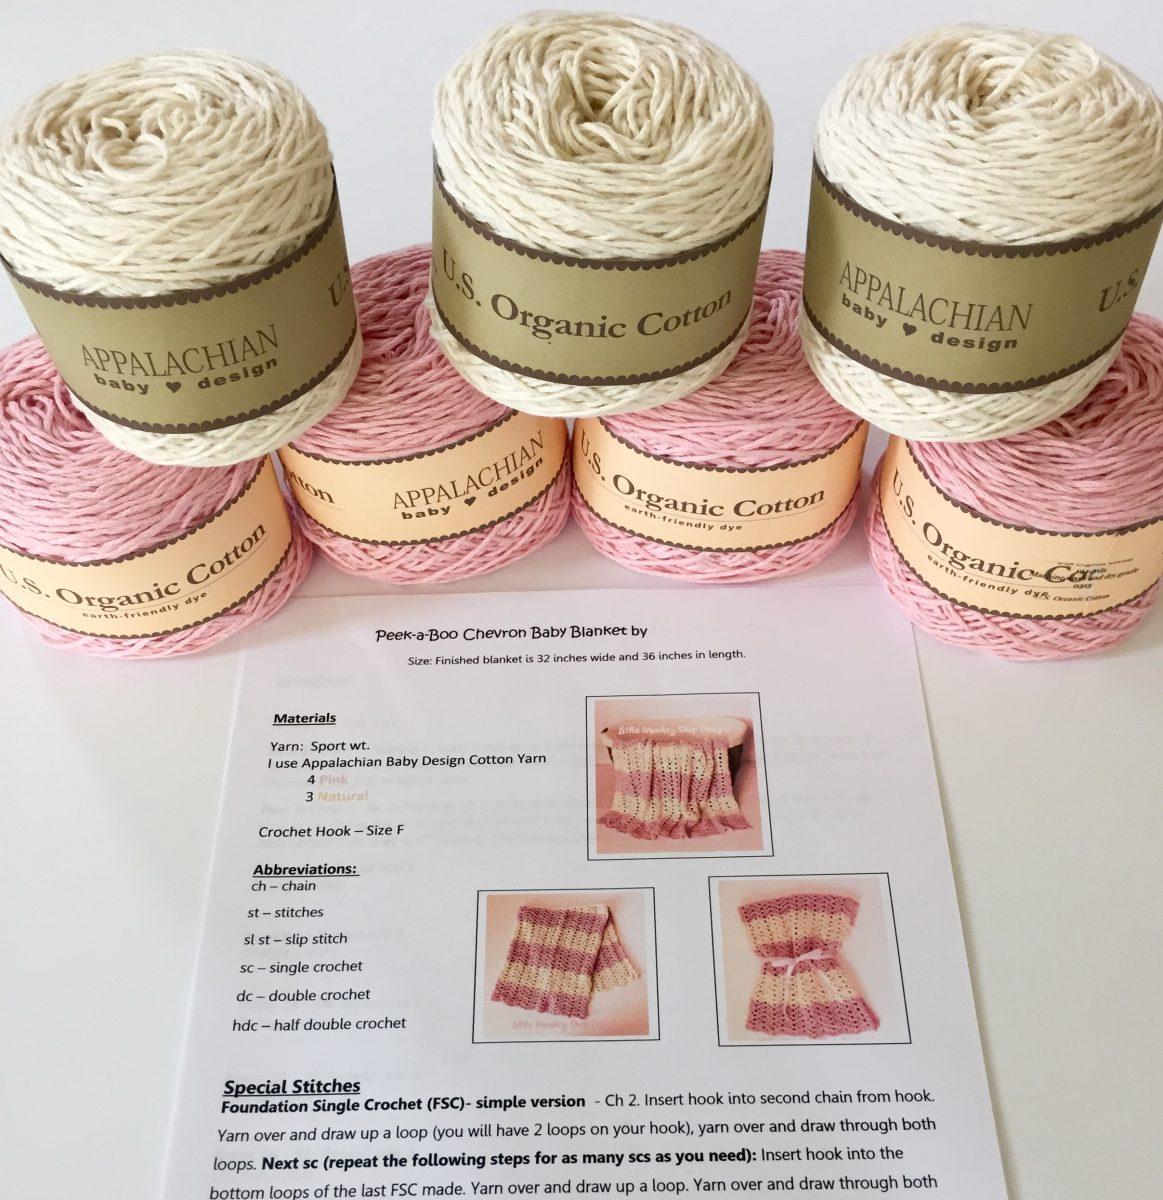 Peek a boo Baby Blanket crochet pattern by little monkeys designs diy kit